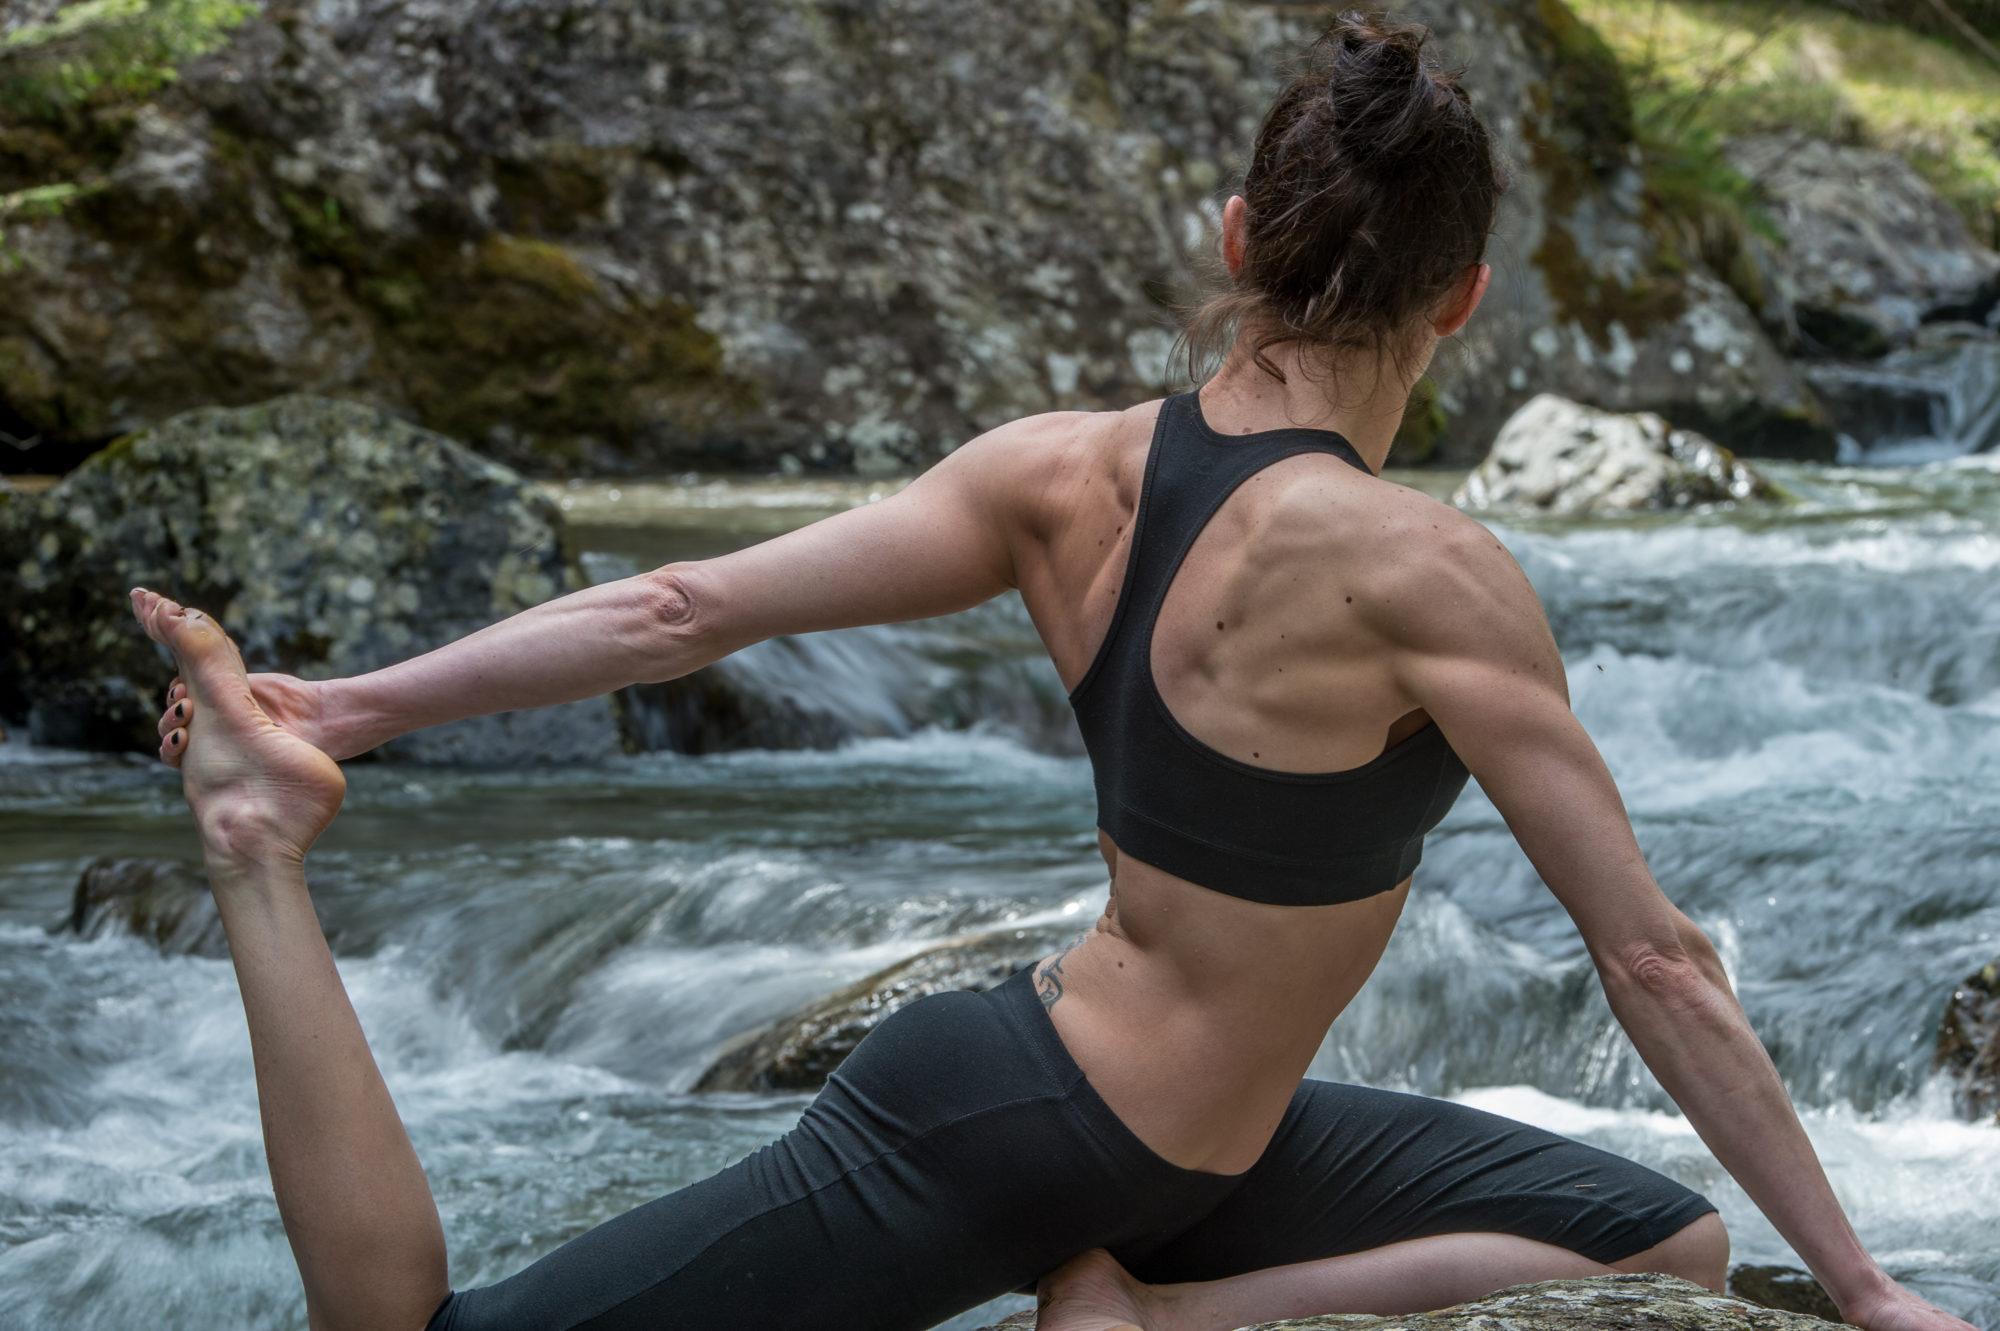 Donna pratica yoga in mezzo alla natura fotografo brescia ottavio